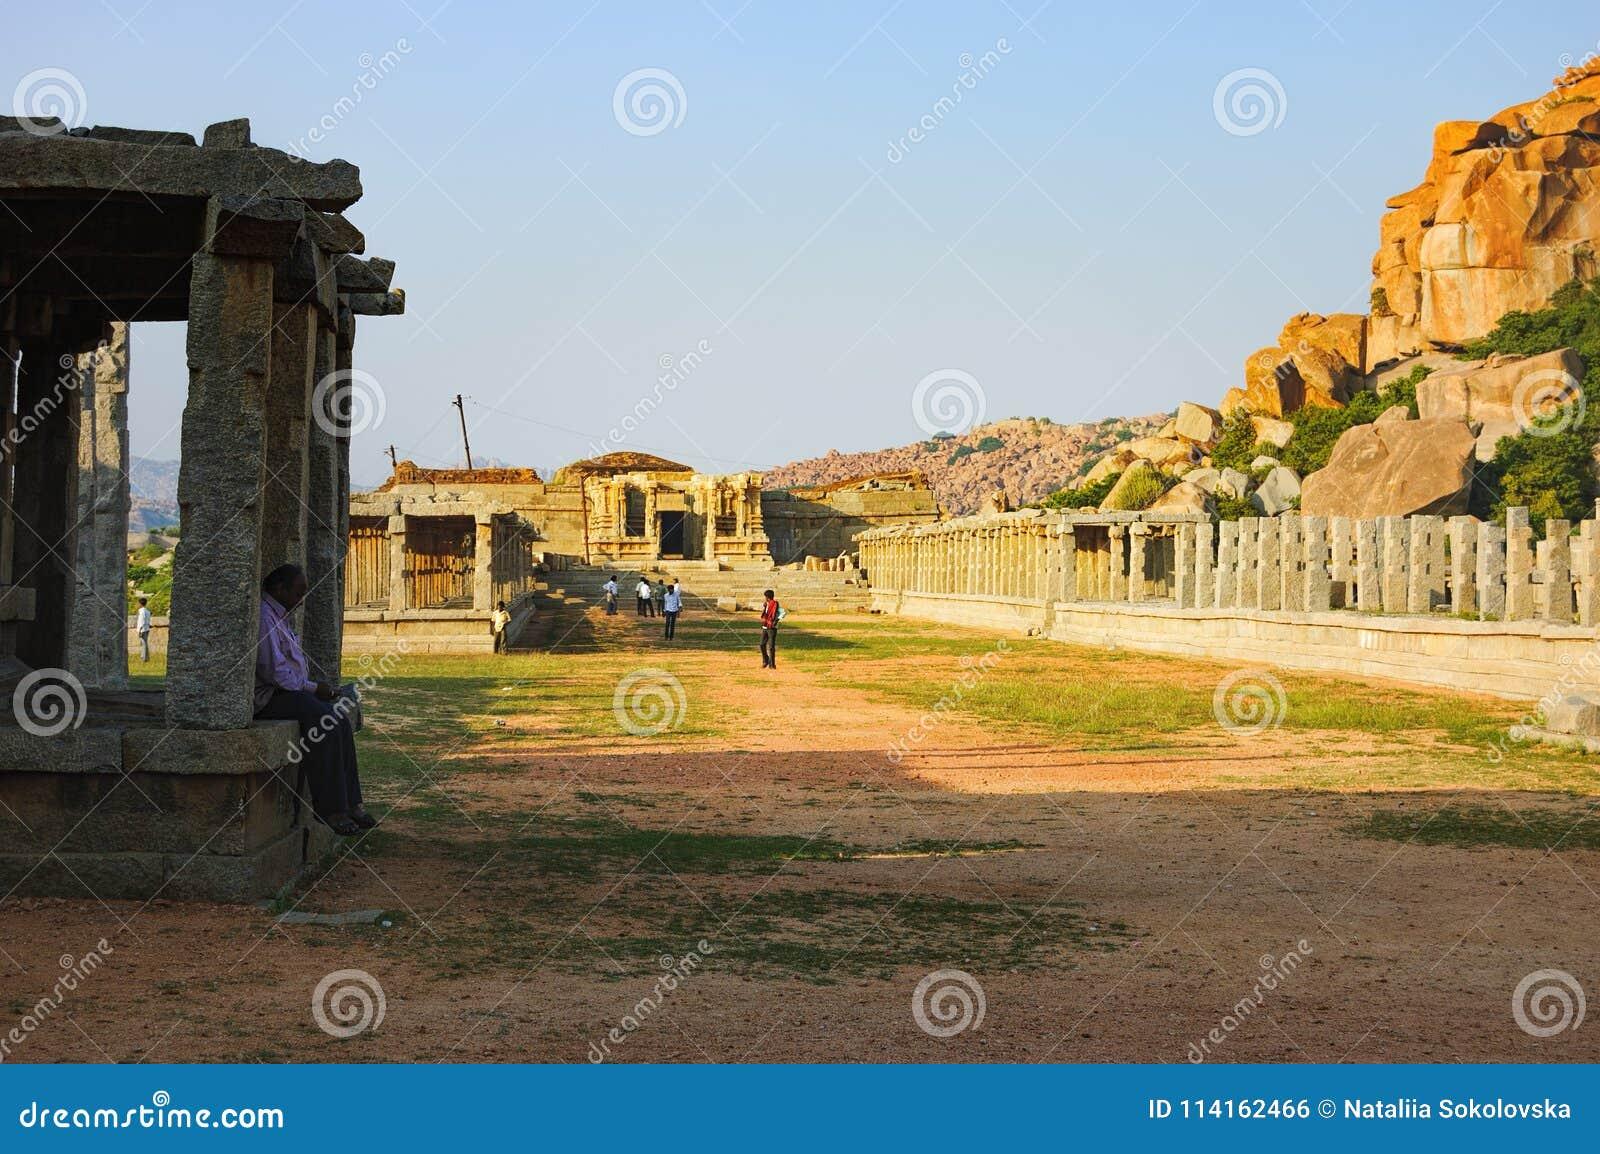 Turyści odwiedzają Vitthala świątynię w Hampi, India